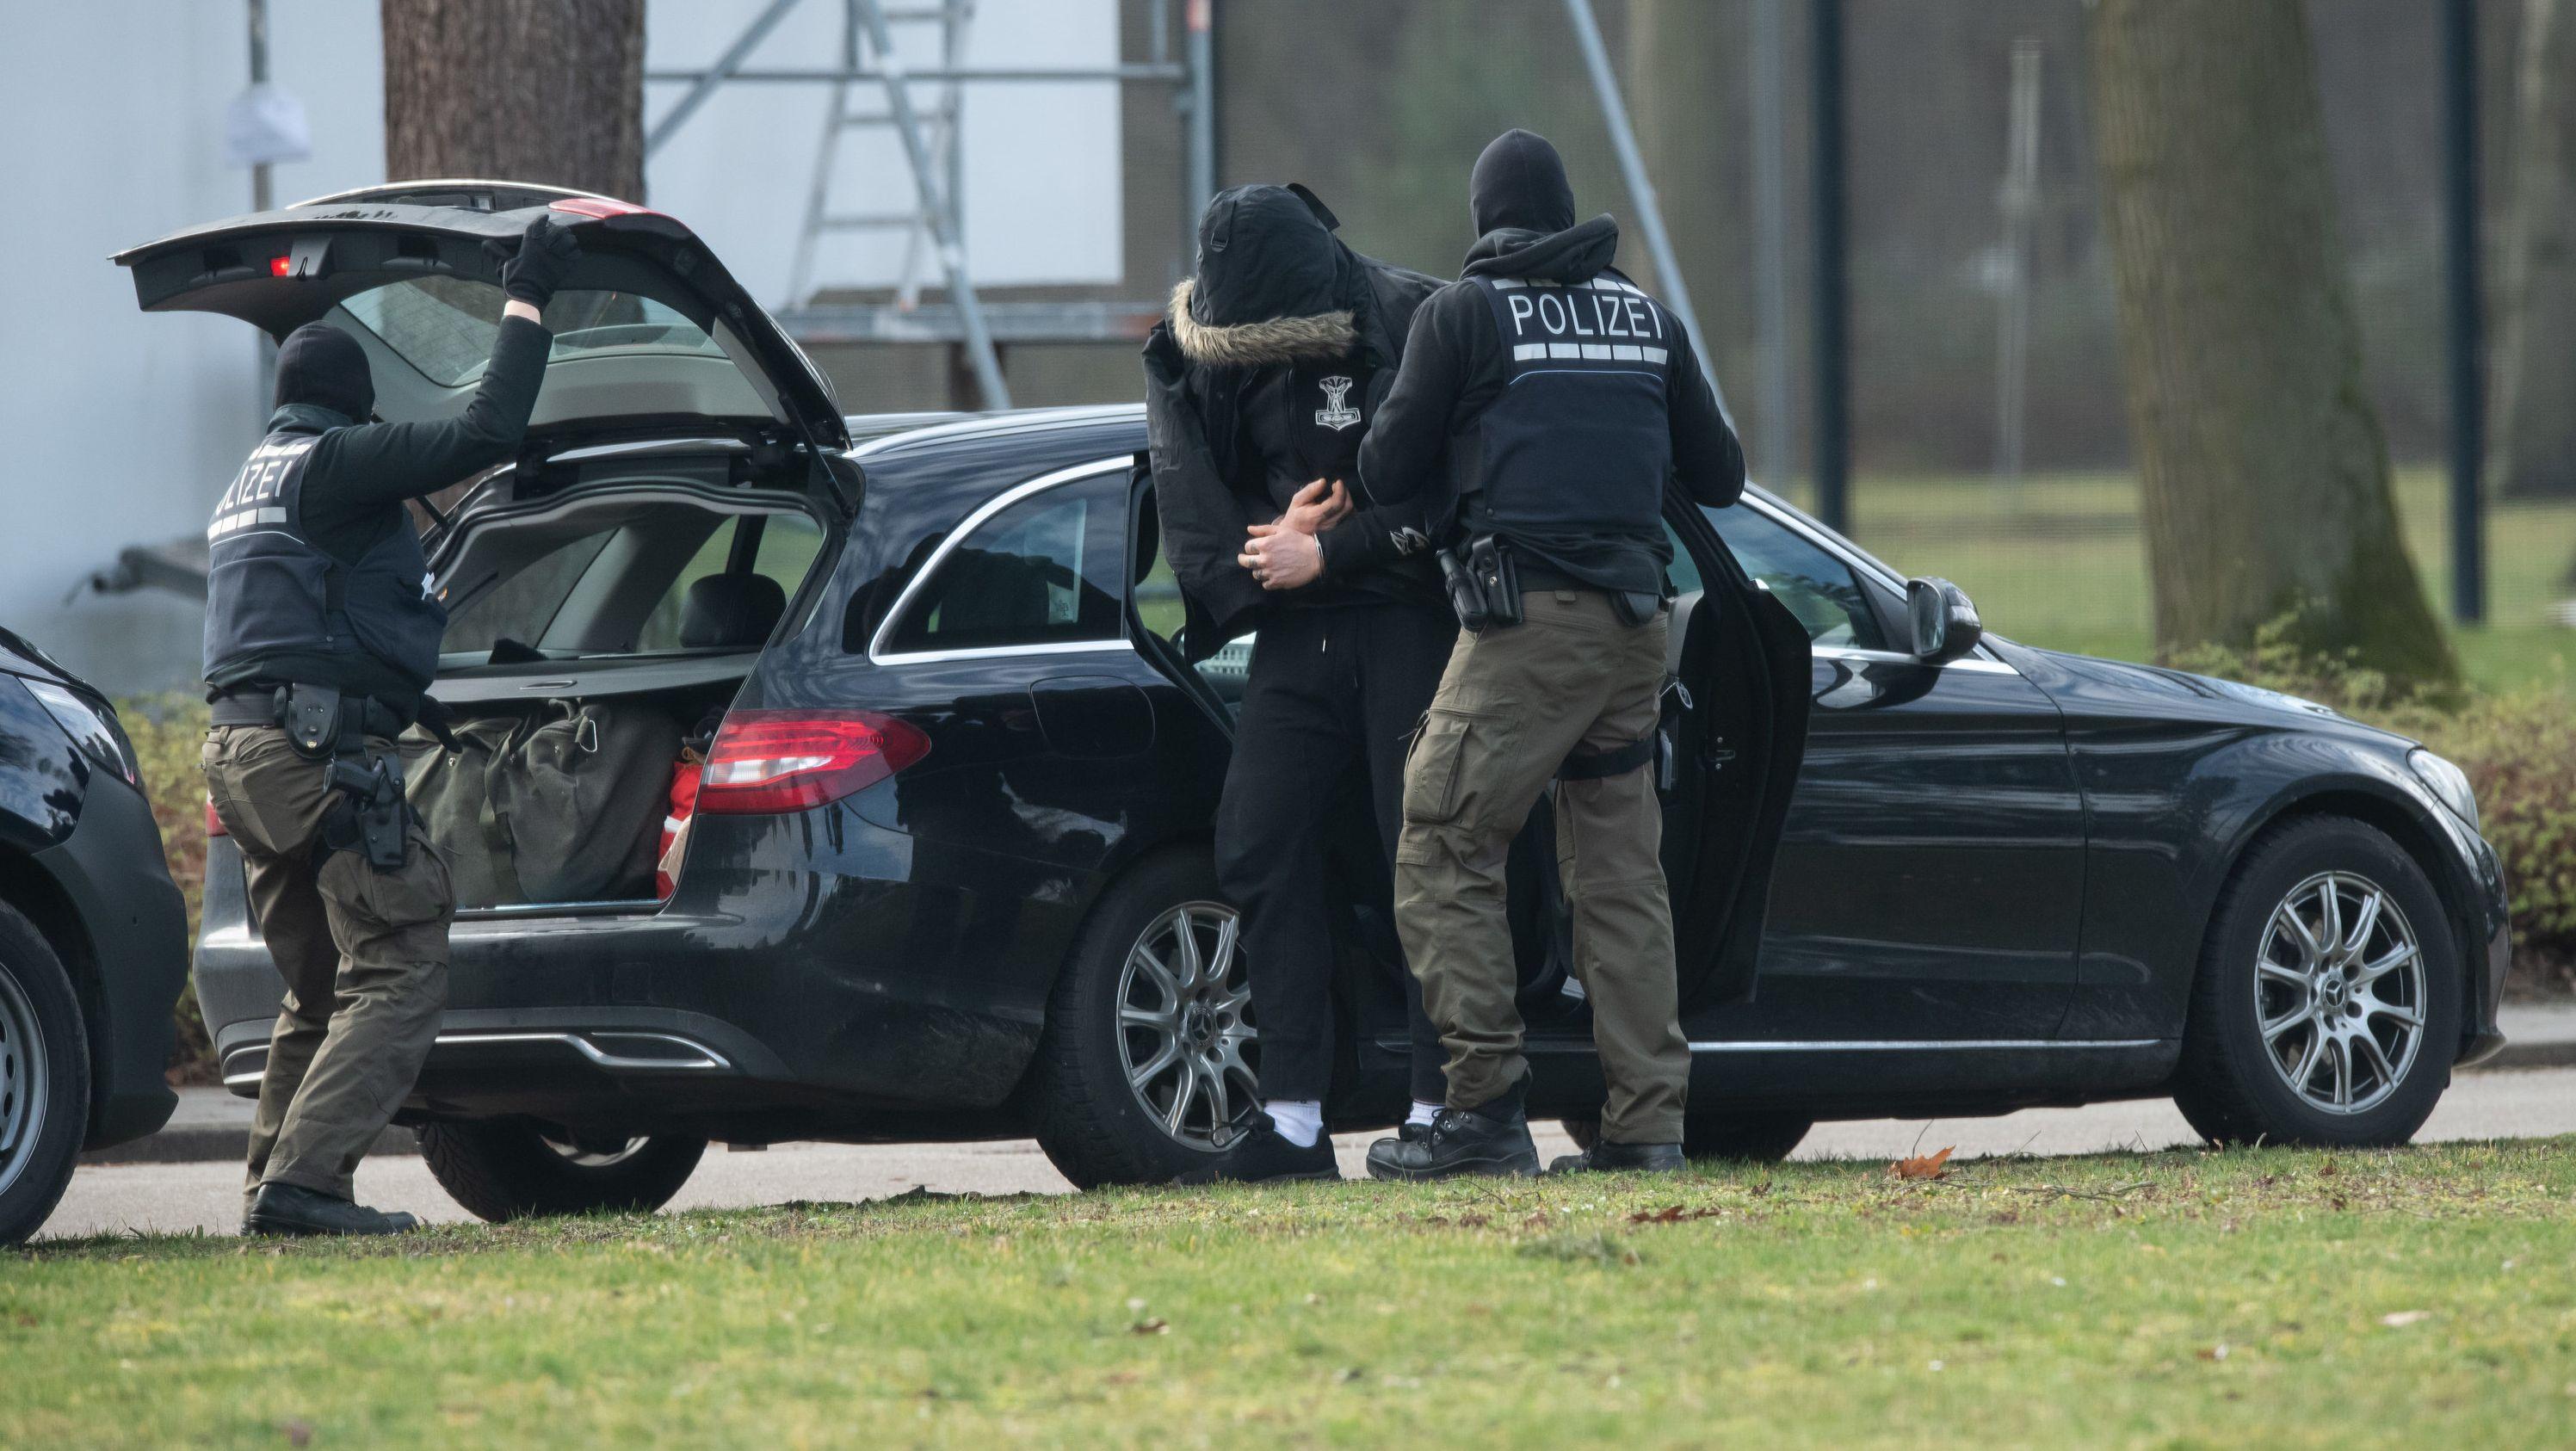 Eine Person wird von Polizisten in den Bundesgerichtshof gebracht. Einen Tag nach der Zerschlagung einer mutmaßlichen rechten Terrorzelle sind die ersten Festgenommenen in Karlsruhe zu Haftrichtern des Bundesgerichtshofs (BGH) gebracht worden.